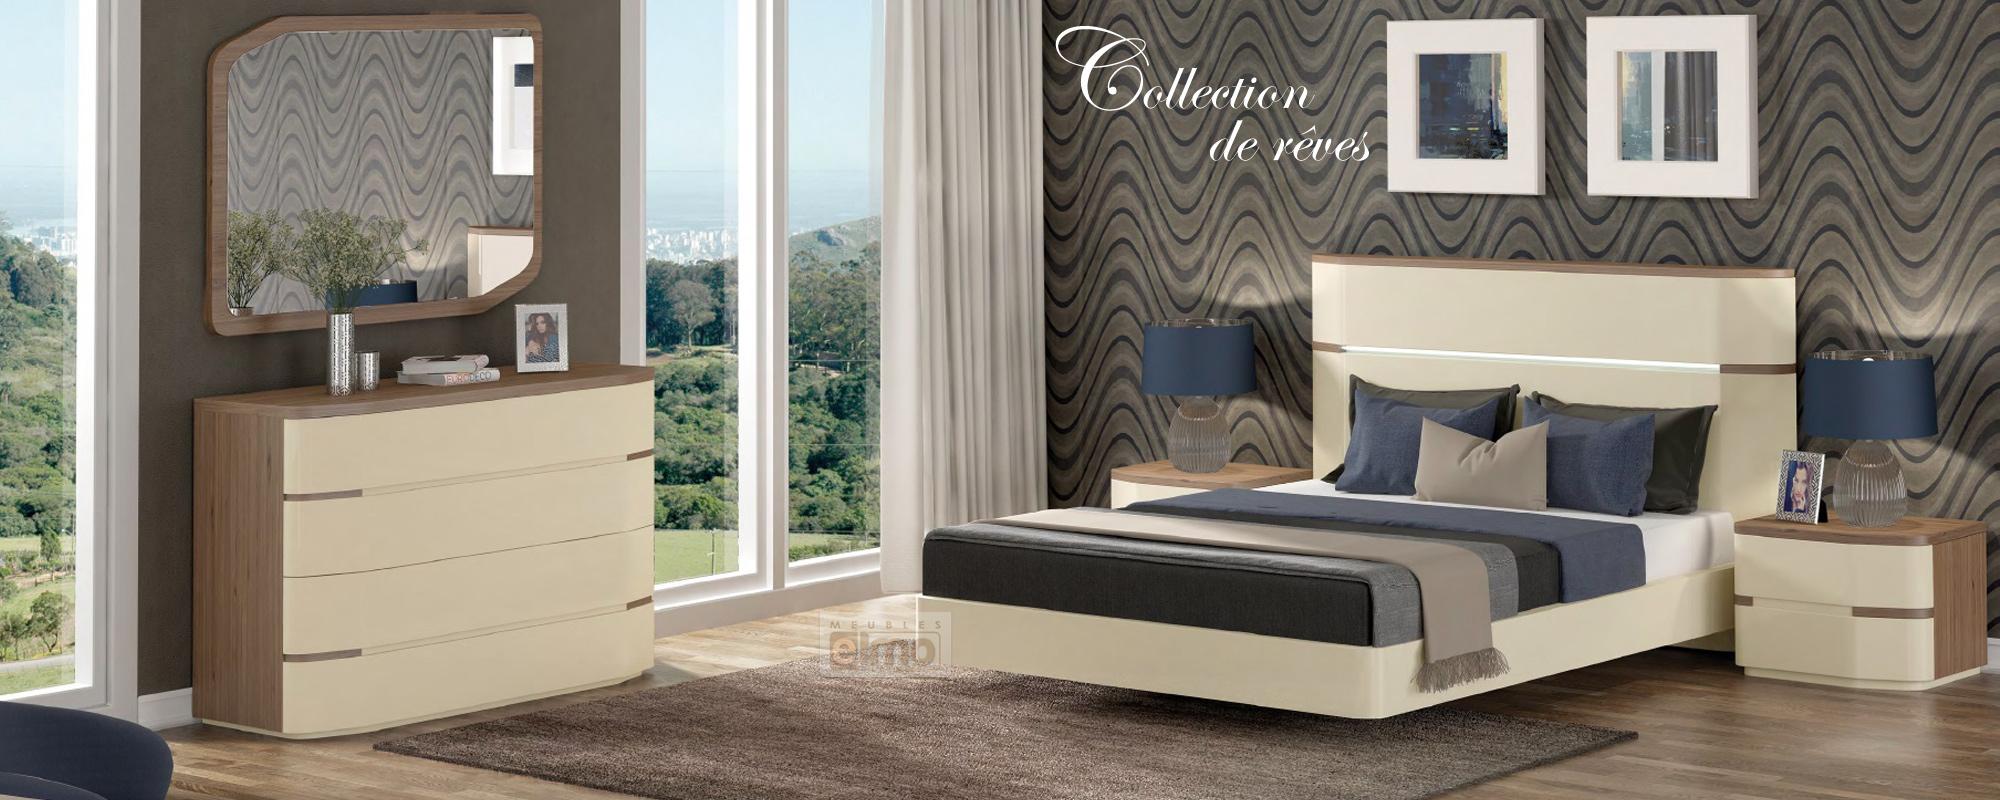 Meubles Portugais chambre contemporaine complète : lit, commode, chevets, armoire